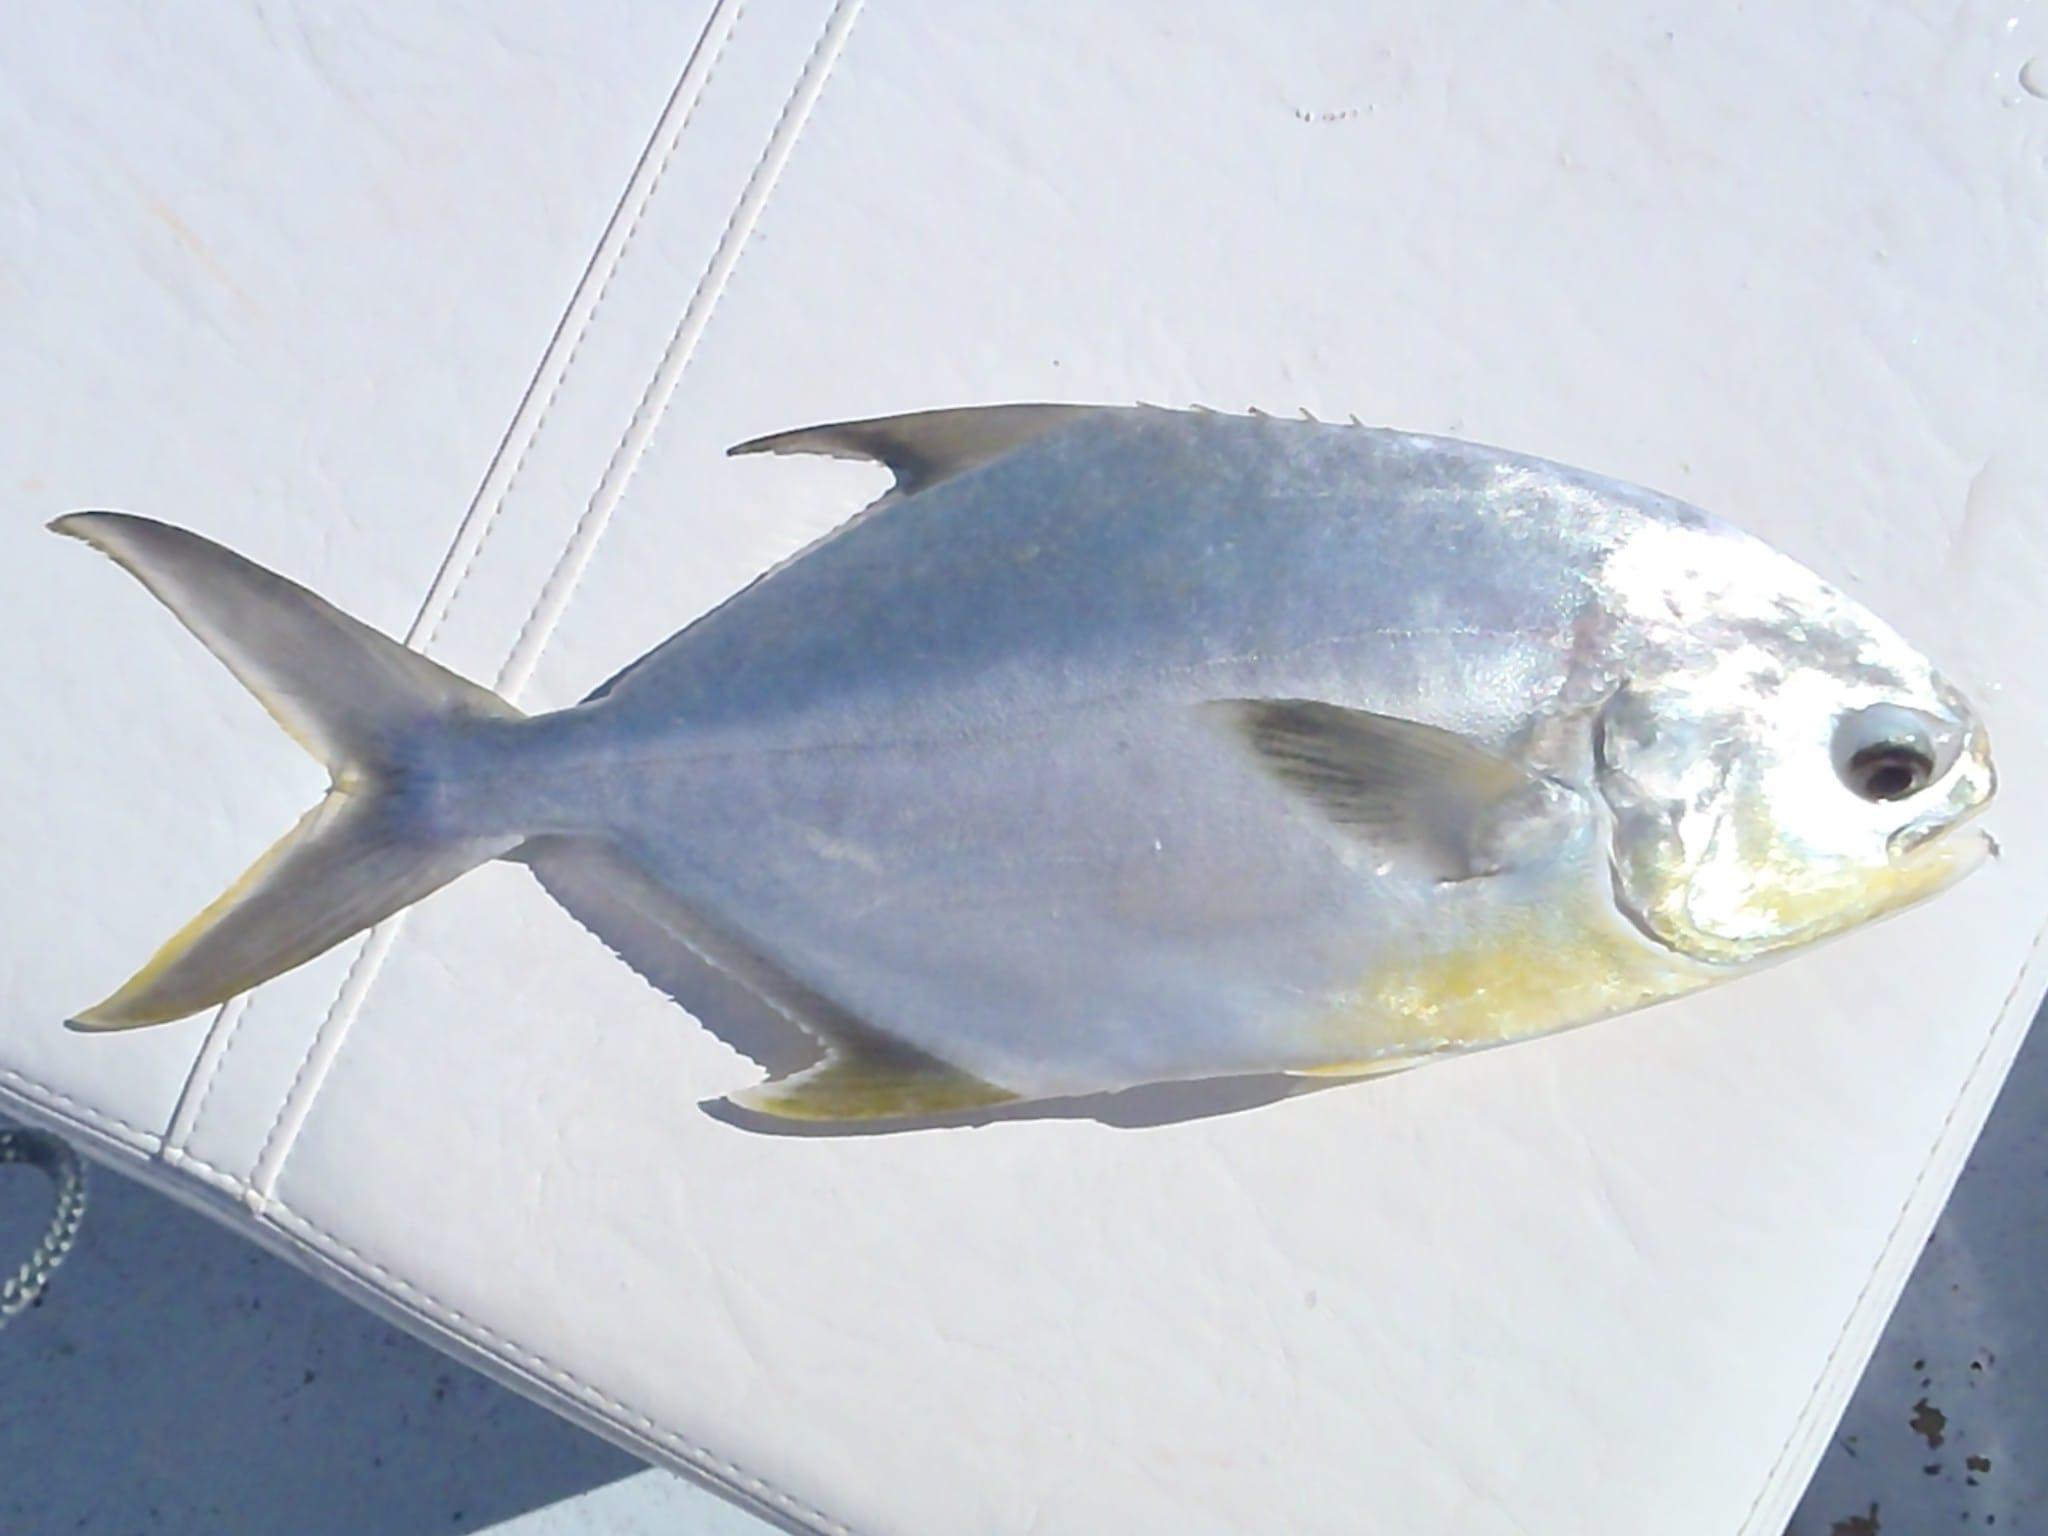 Pompano captiva fishing report for Florida pompano fish